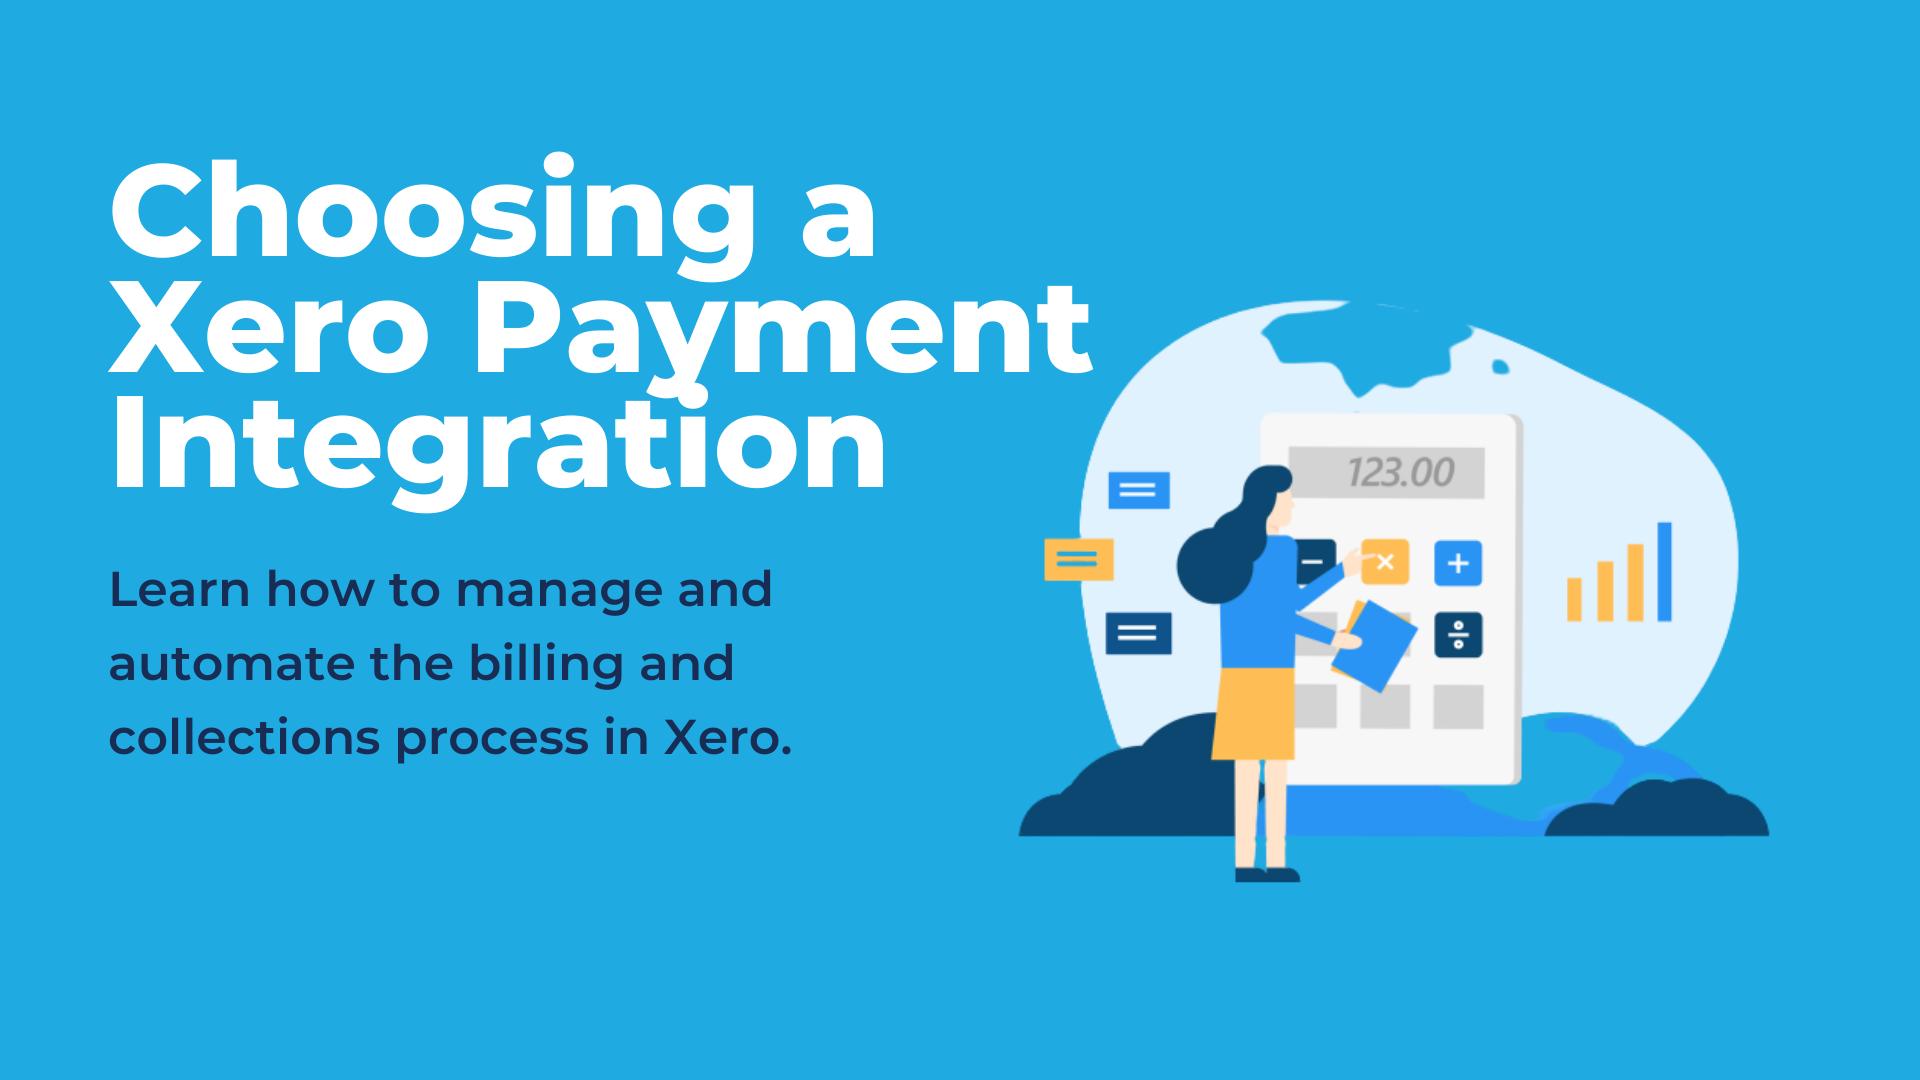 Choosing a Xero Payment Integration